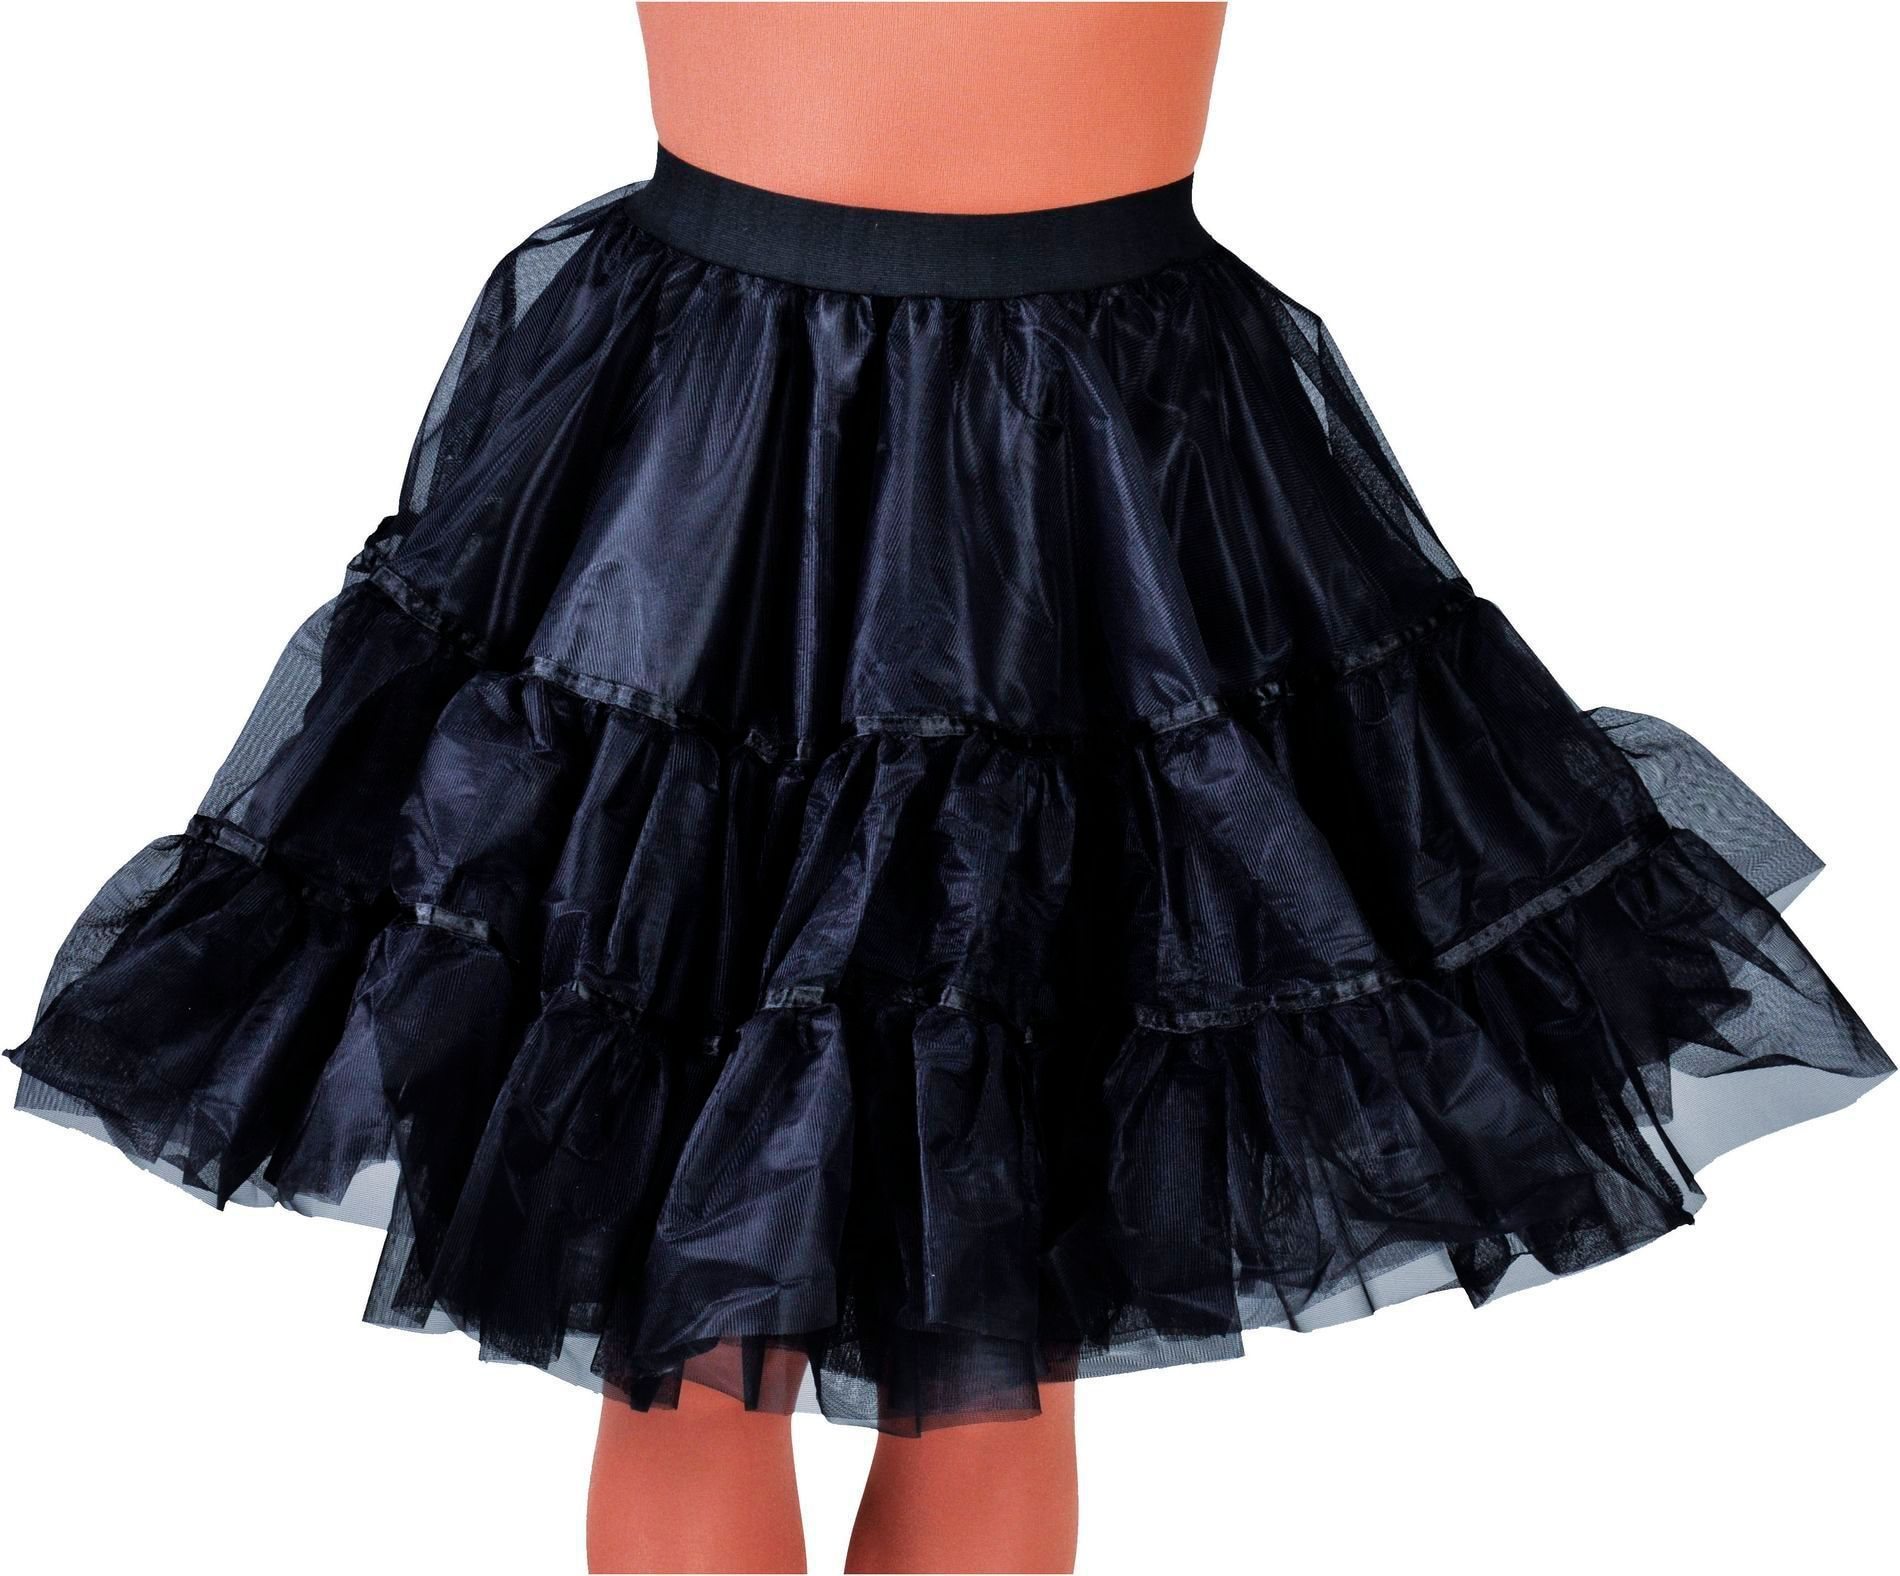 Zwarte petticoat middel lang vrouwen